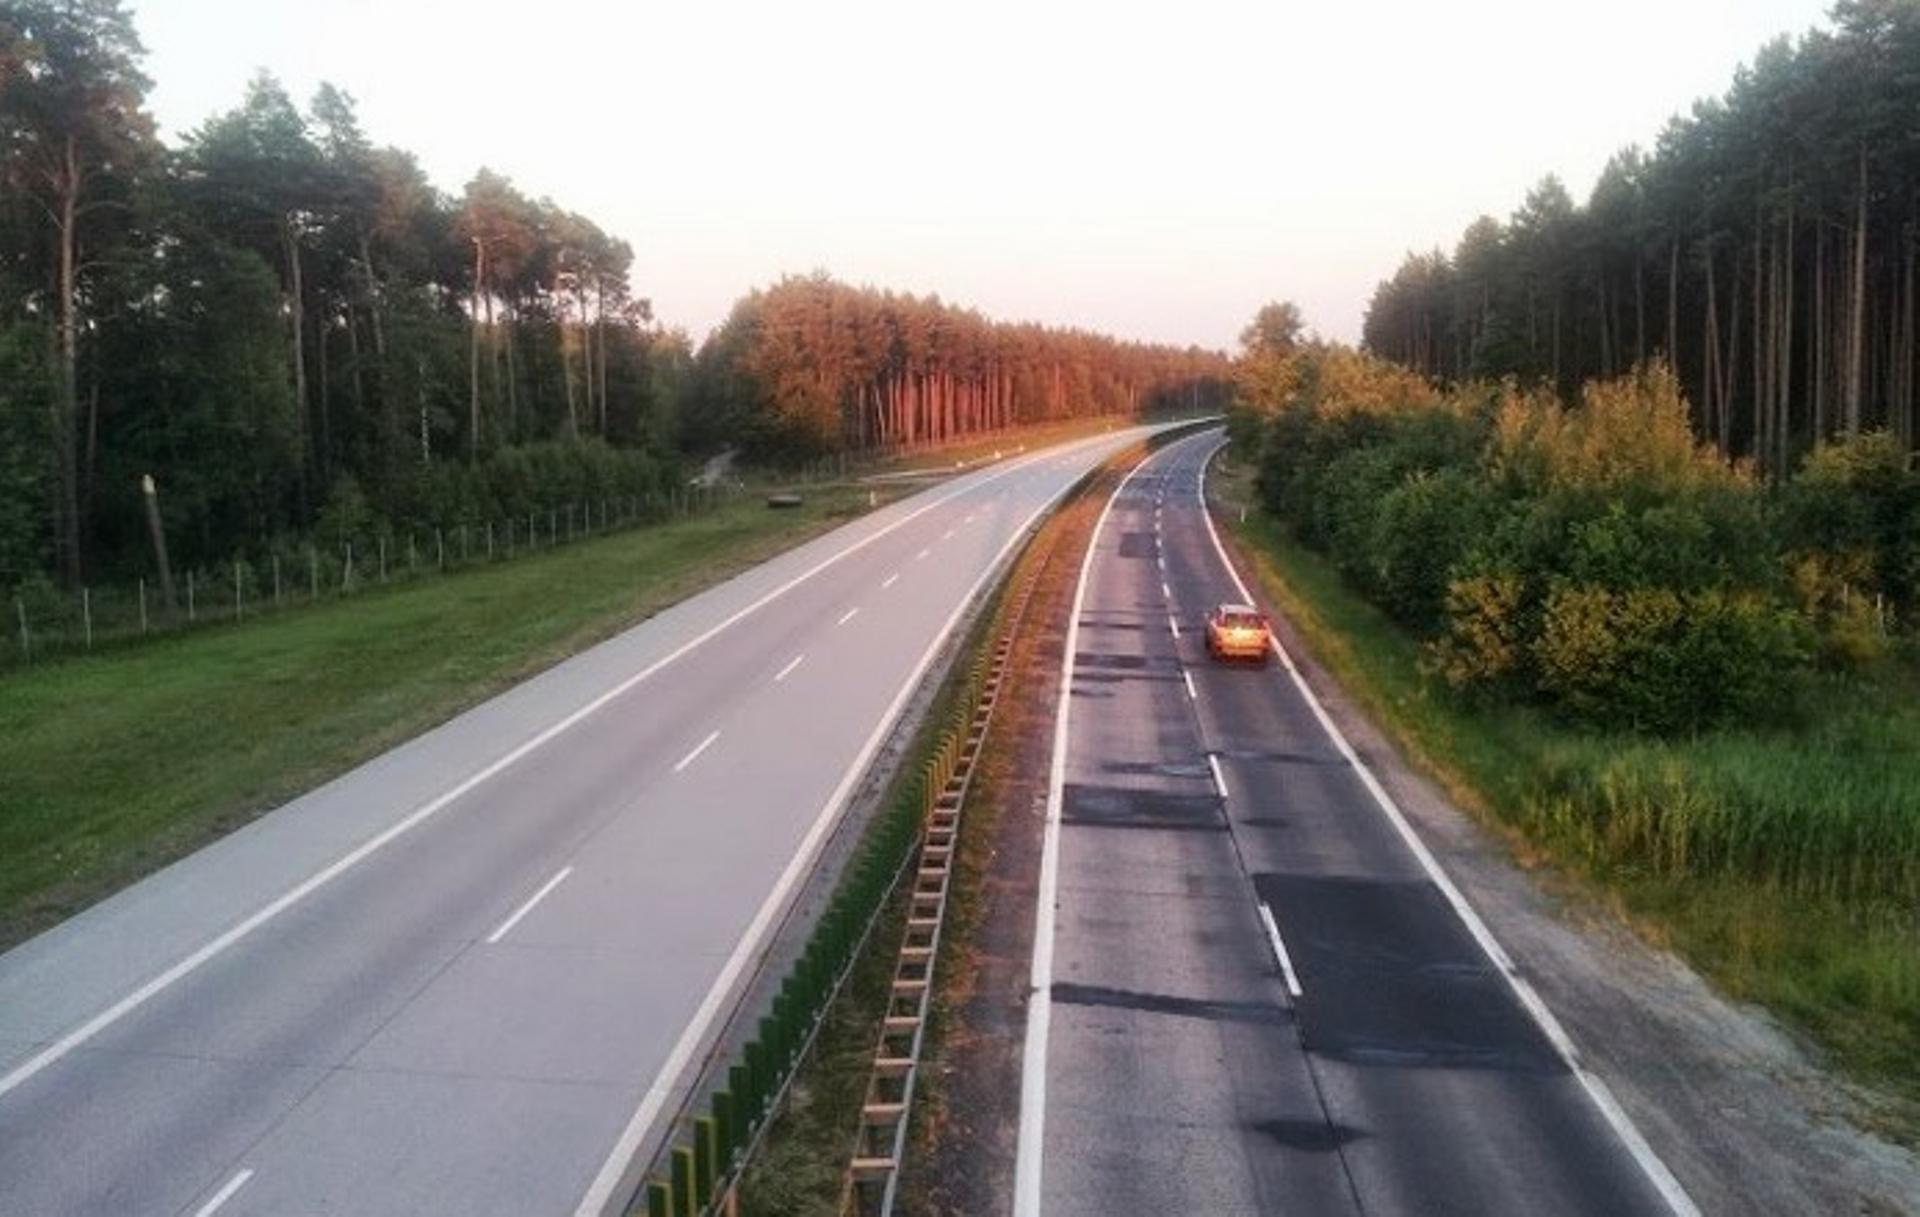 [dolnośląskie/lubuskie] Będzie generalna przebudowa najbardziej zniszczonego fragmentu autostrady A18 (DK18): Olszyna-Golnice